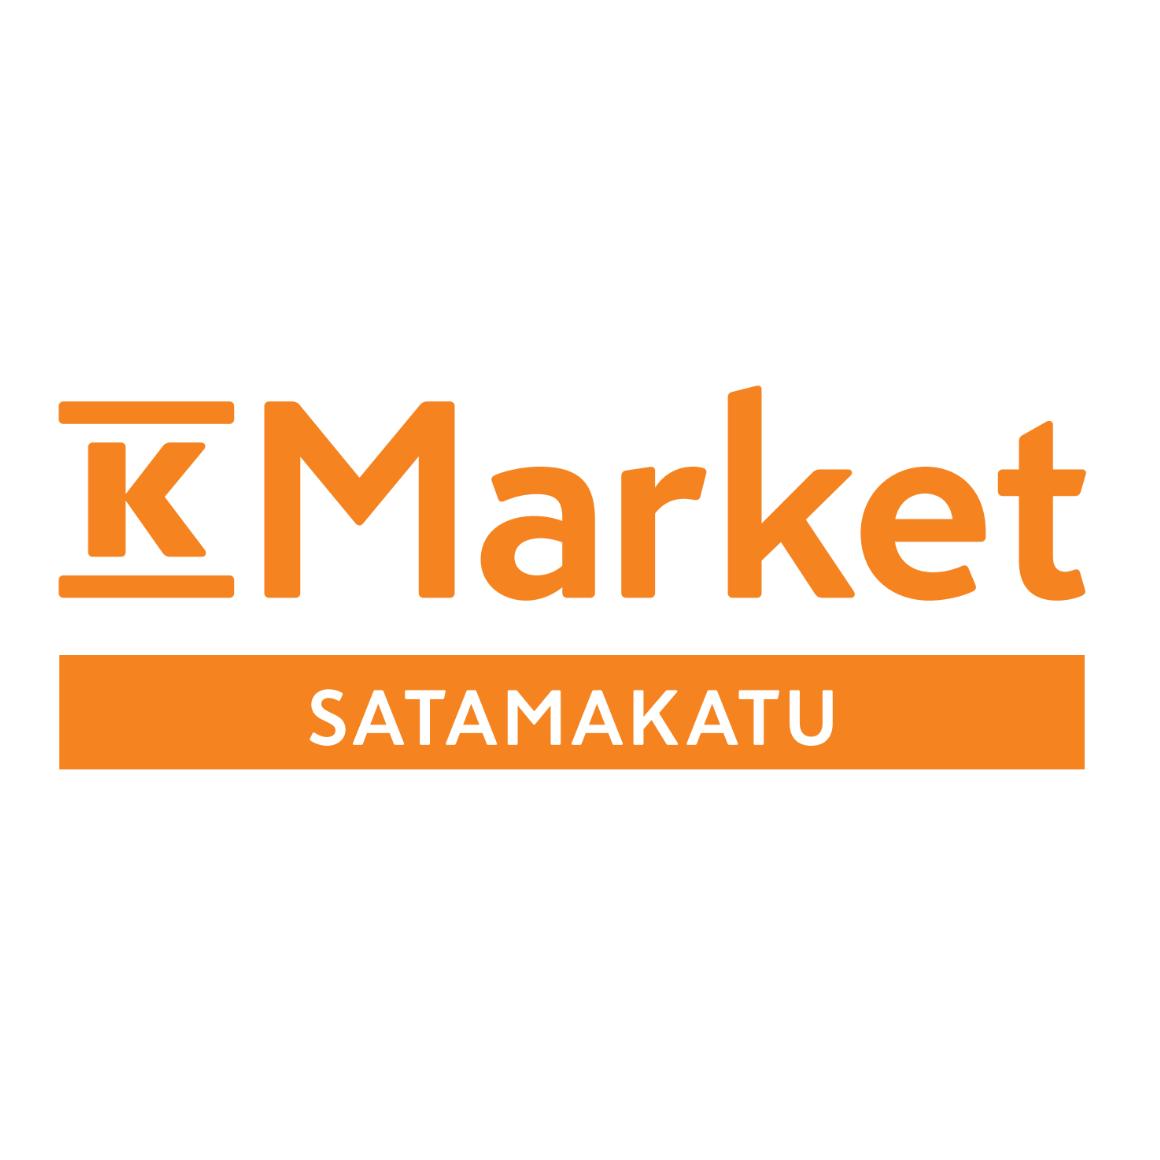 Ilves-Verkosto -  K-market Satamakatu